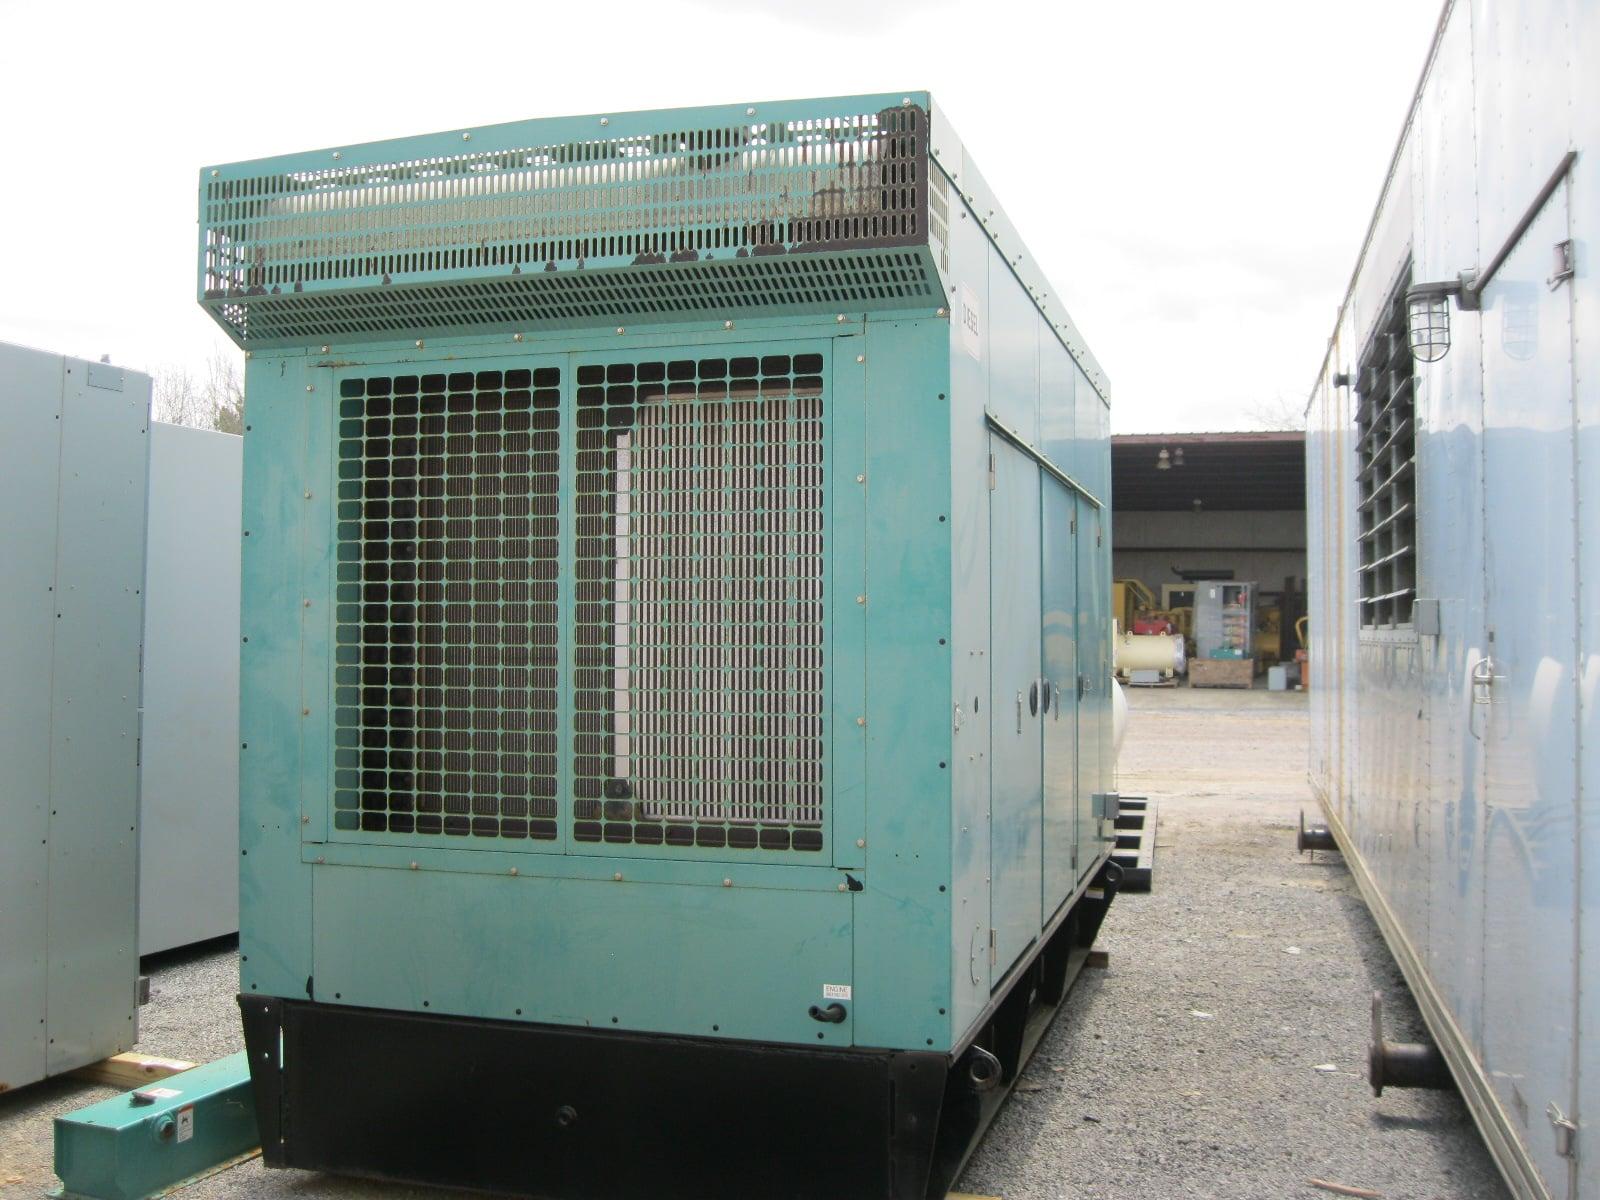 Used 350 kW Cummins DFEG Diesel Generator – EPA Tier 2